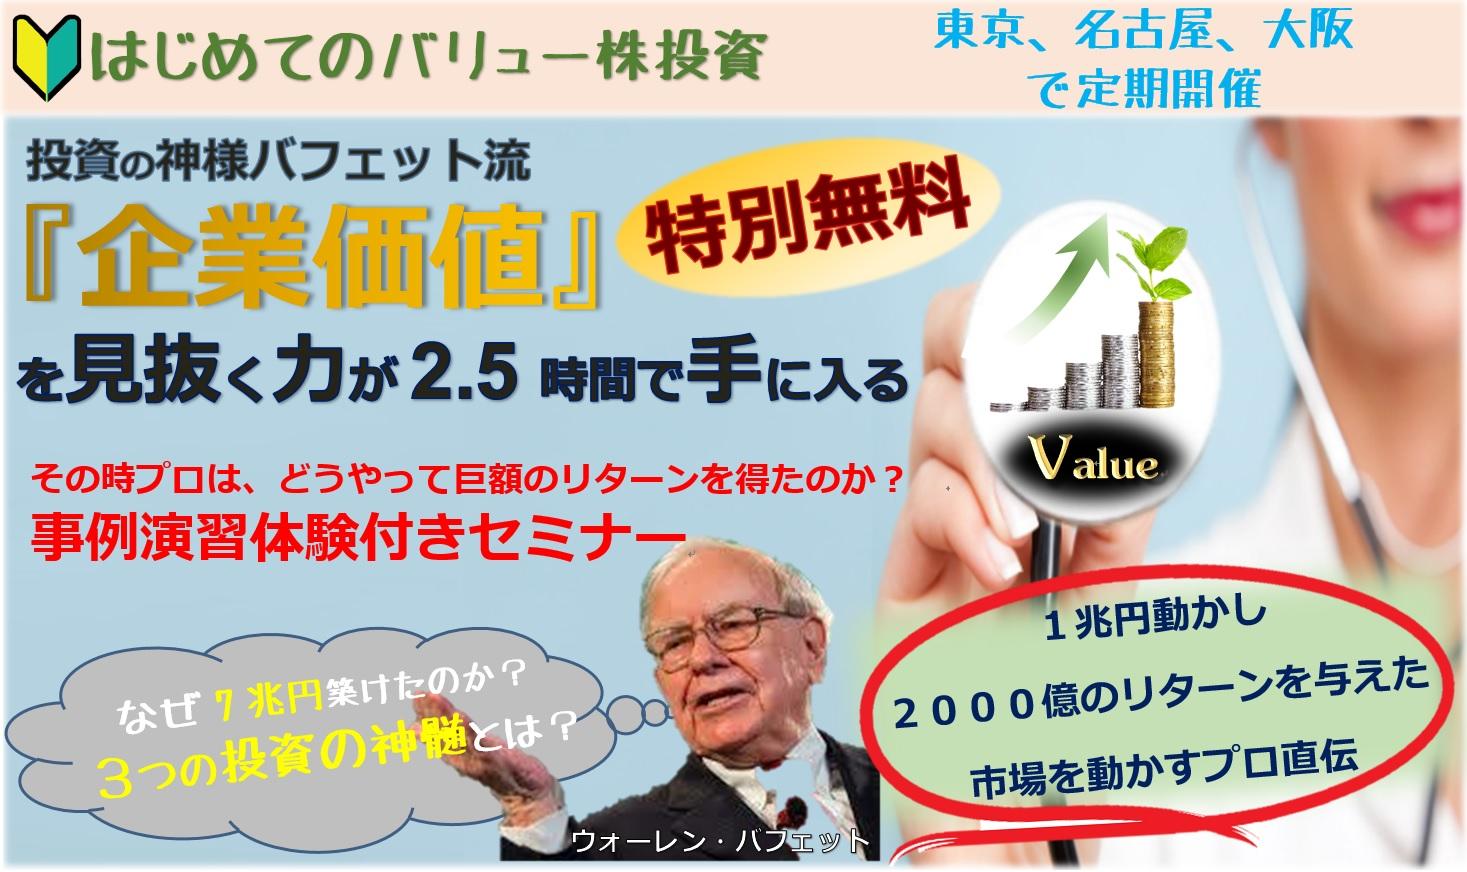 バリュー投資アカデミー。バリュー投資セミナーを定期開催。セミナー情報